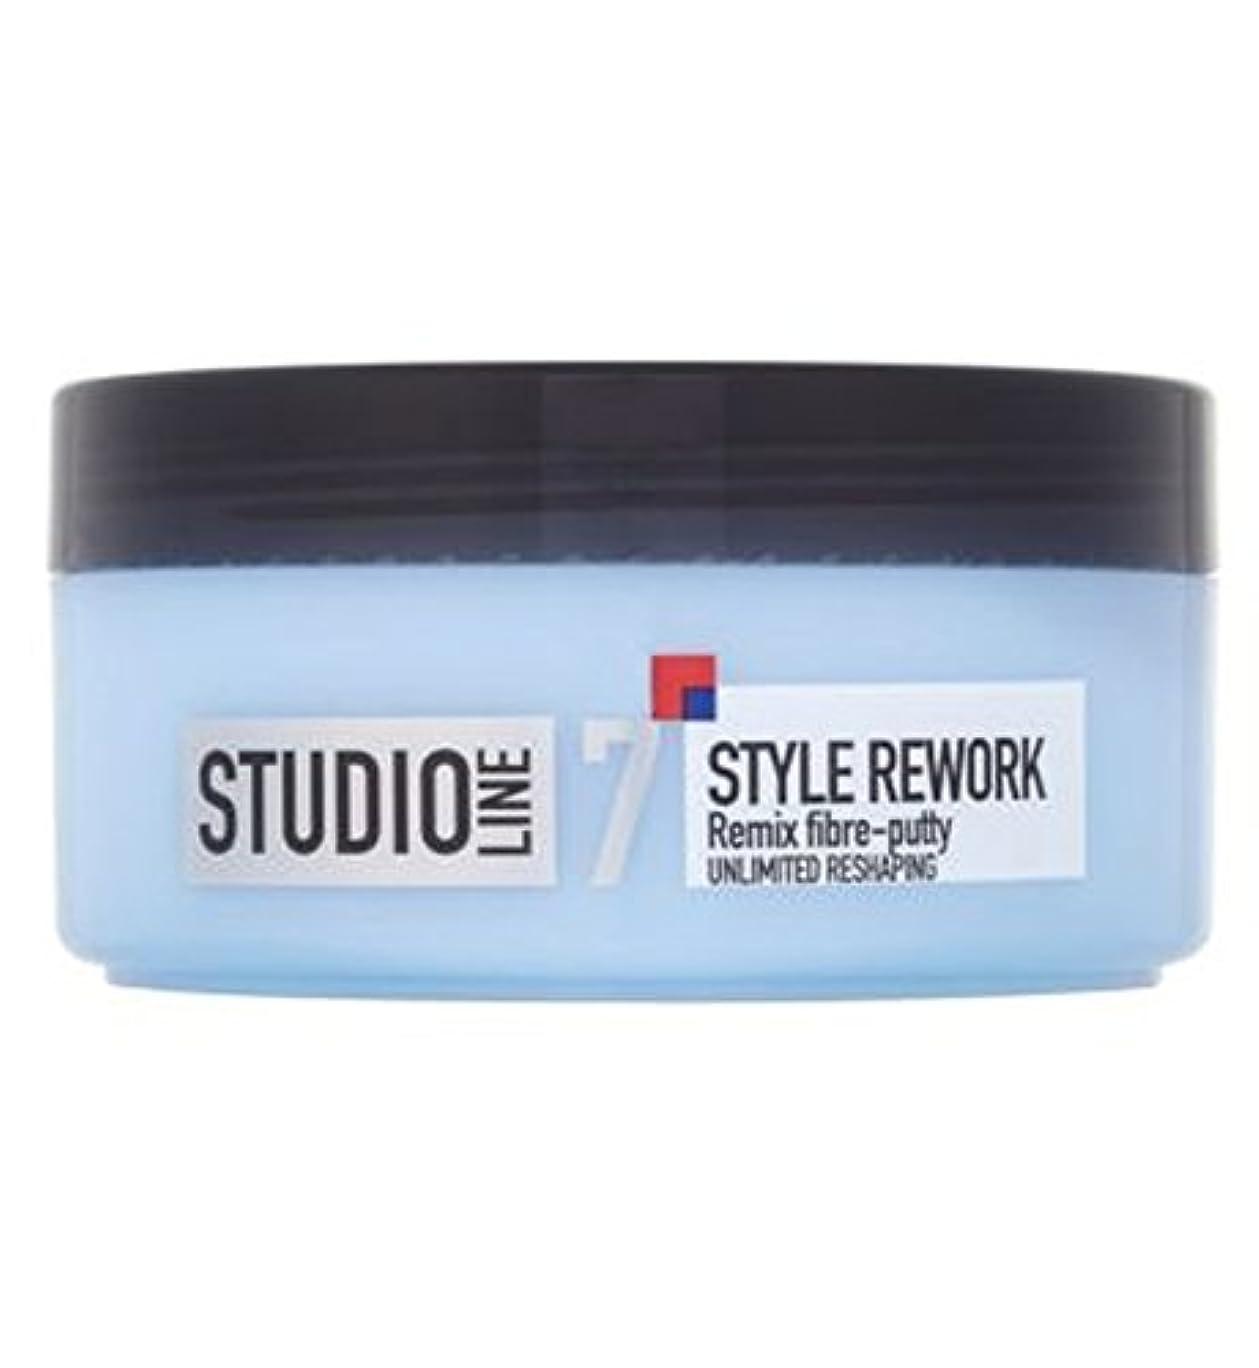 例外ワークショップ同級生L'Oreallスタジオラインスタイルリワークリミックス繊維パテ150ミリリットル (L'Oreal) (x2) - L'Oreall Studio Line Style Rework Remix Fibre-Putty...